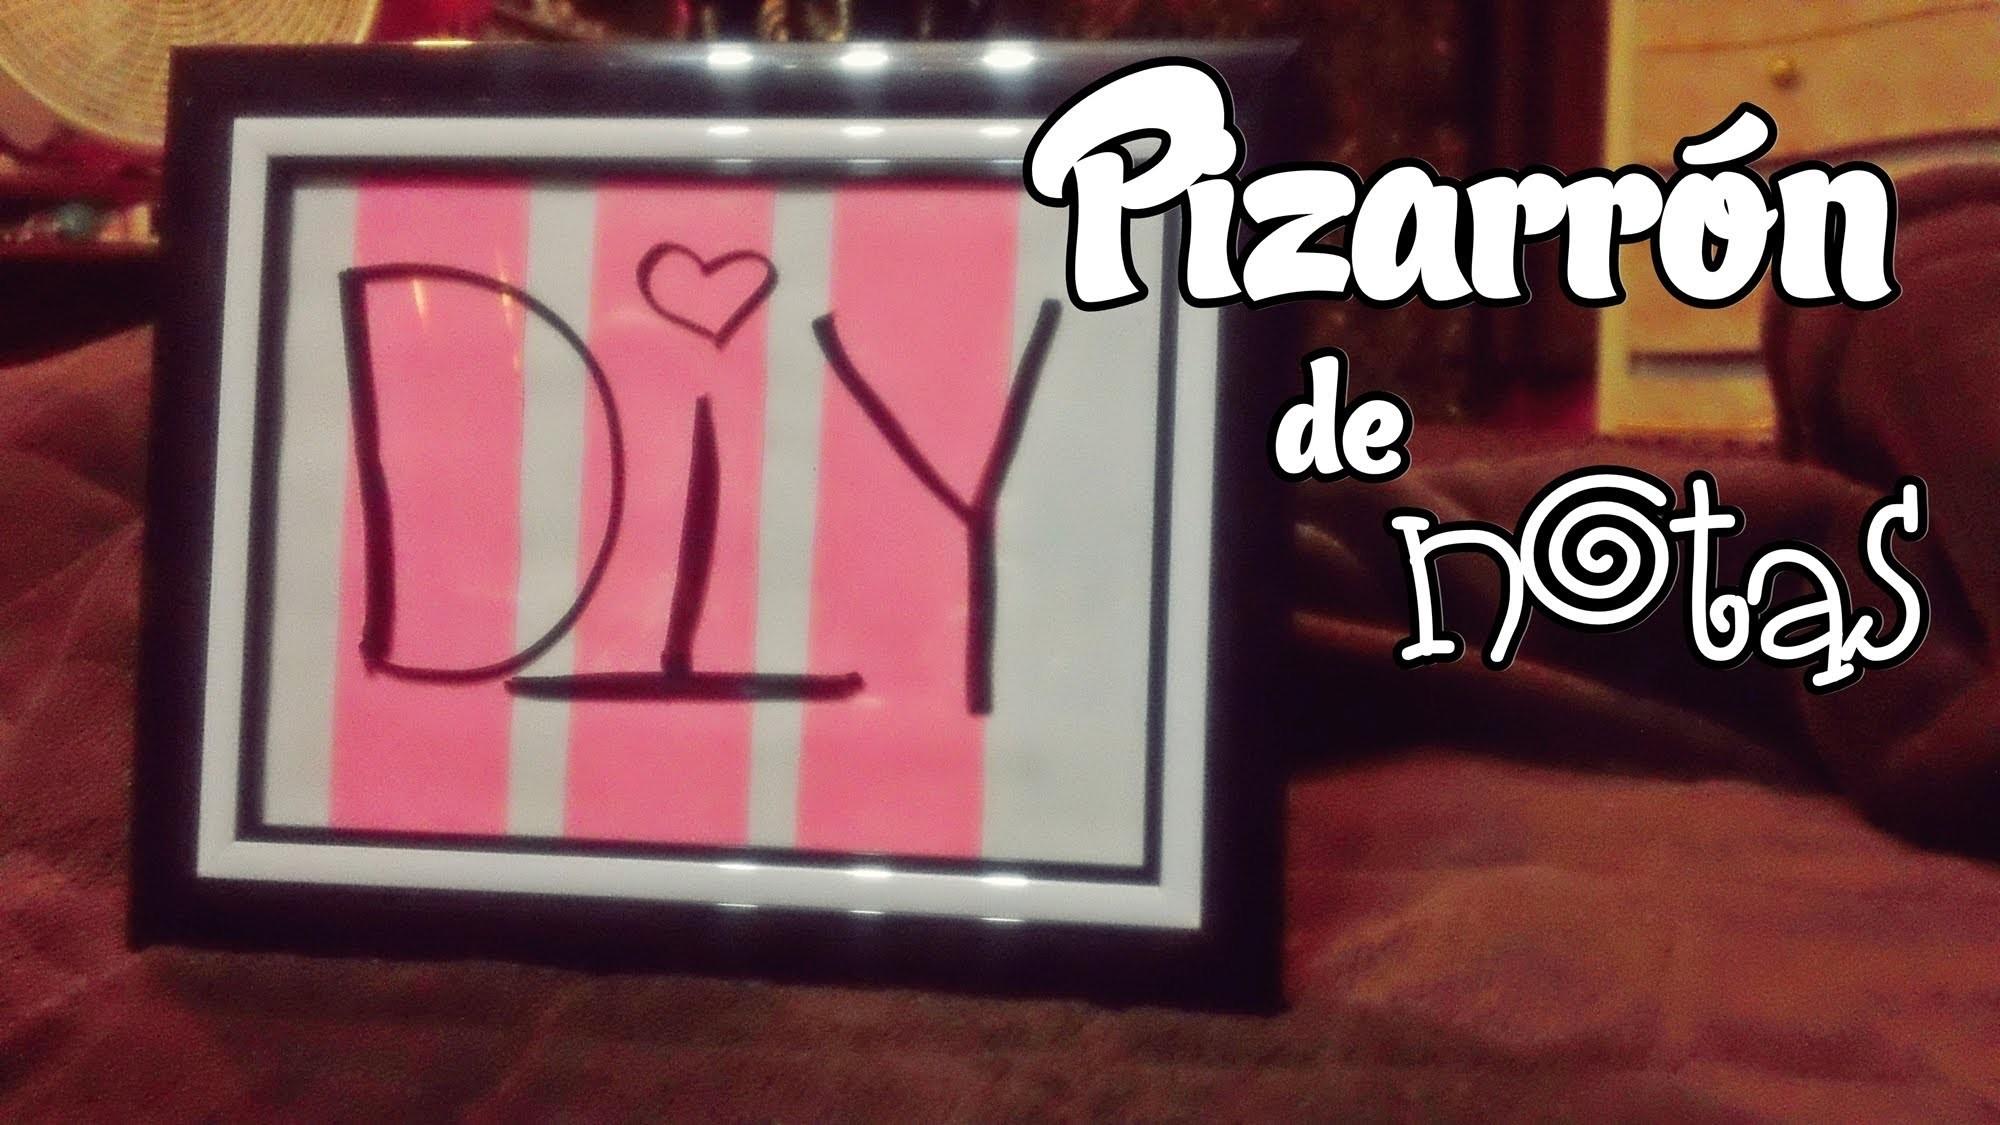 DIY Pizarrón de notas ♥ | Decora tu cuarto | Niizzpop